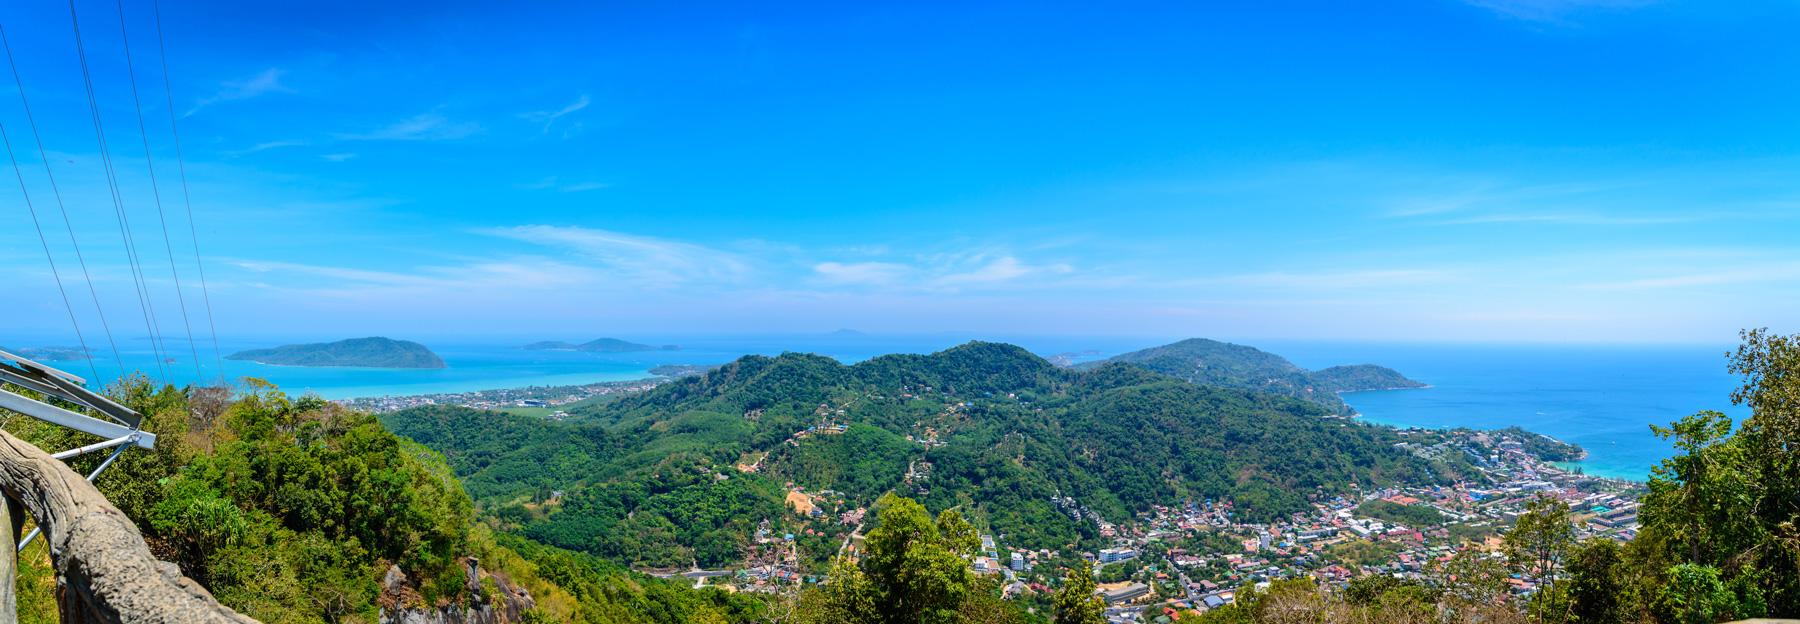 rent-villa-rawai-phuket